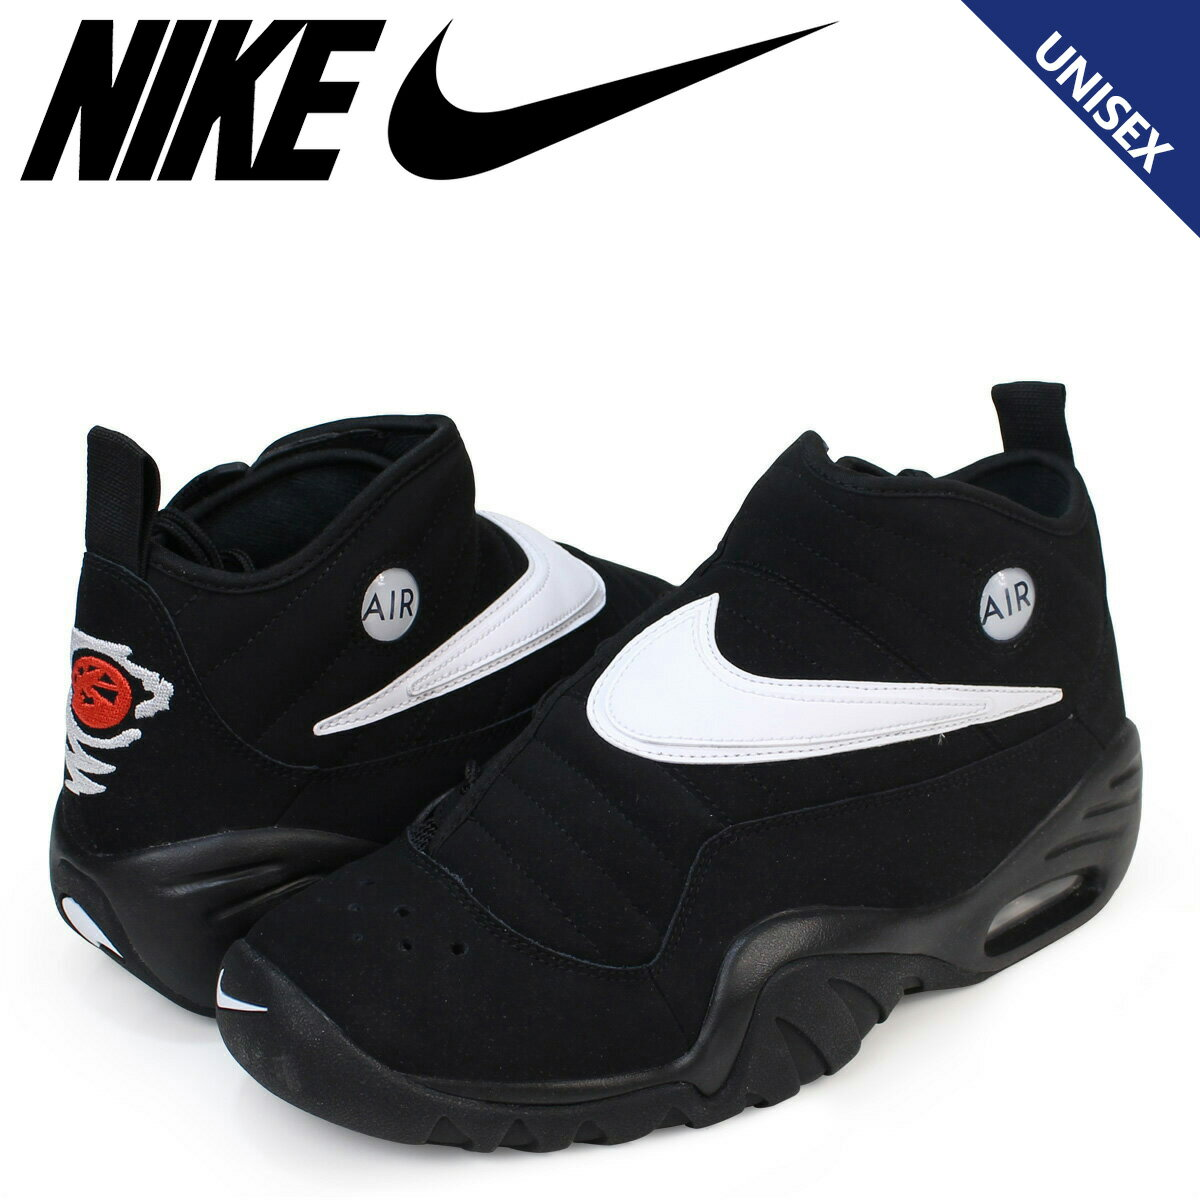 ナイキ NIKE エアシェイク スニーカー AIR SHAKE NDESTRUKT エア シェイク インデストラクト 880869-001 メンズ 靴 ブラック [9/7 追加入荷]